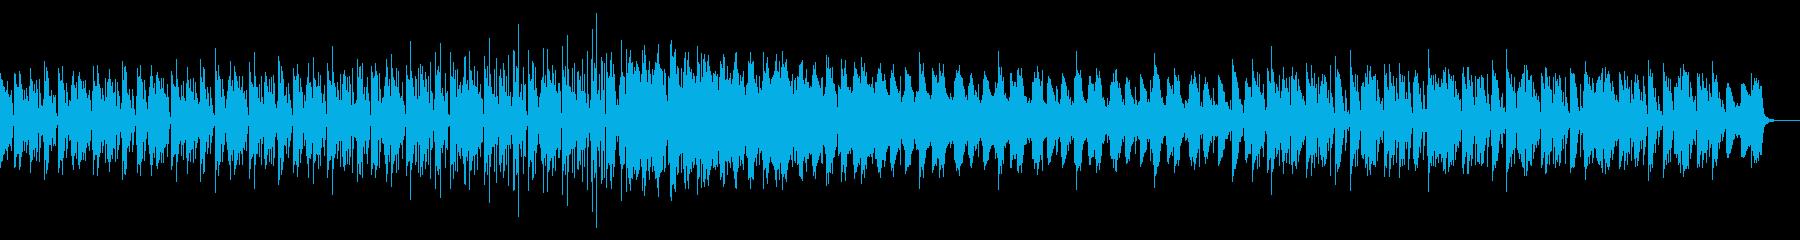 テクノ アップテンポ目のビートの再生済みの波形